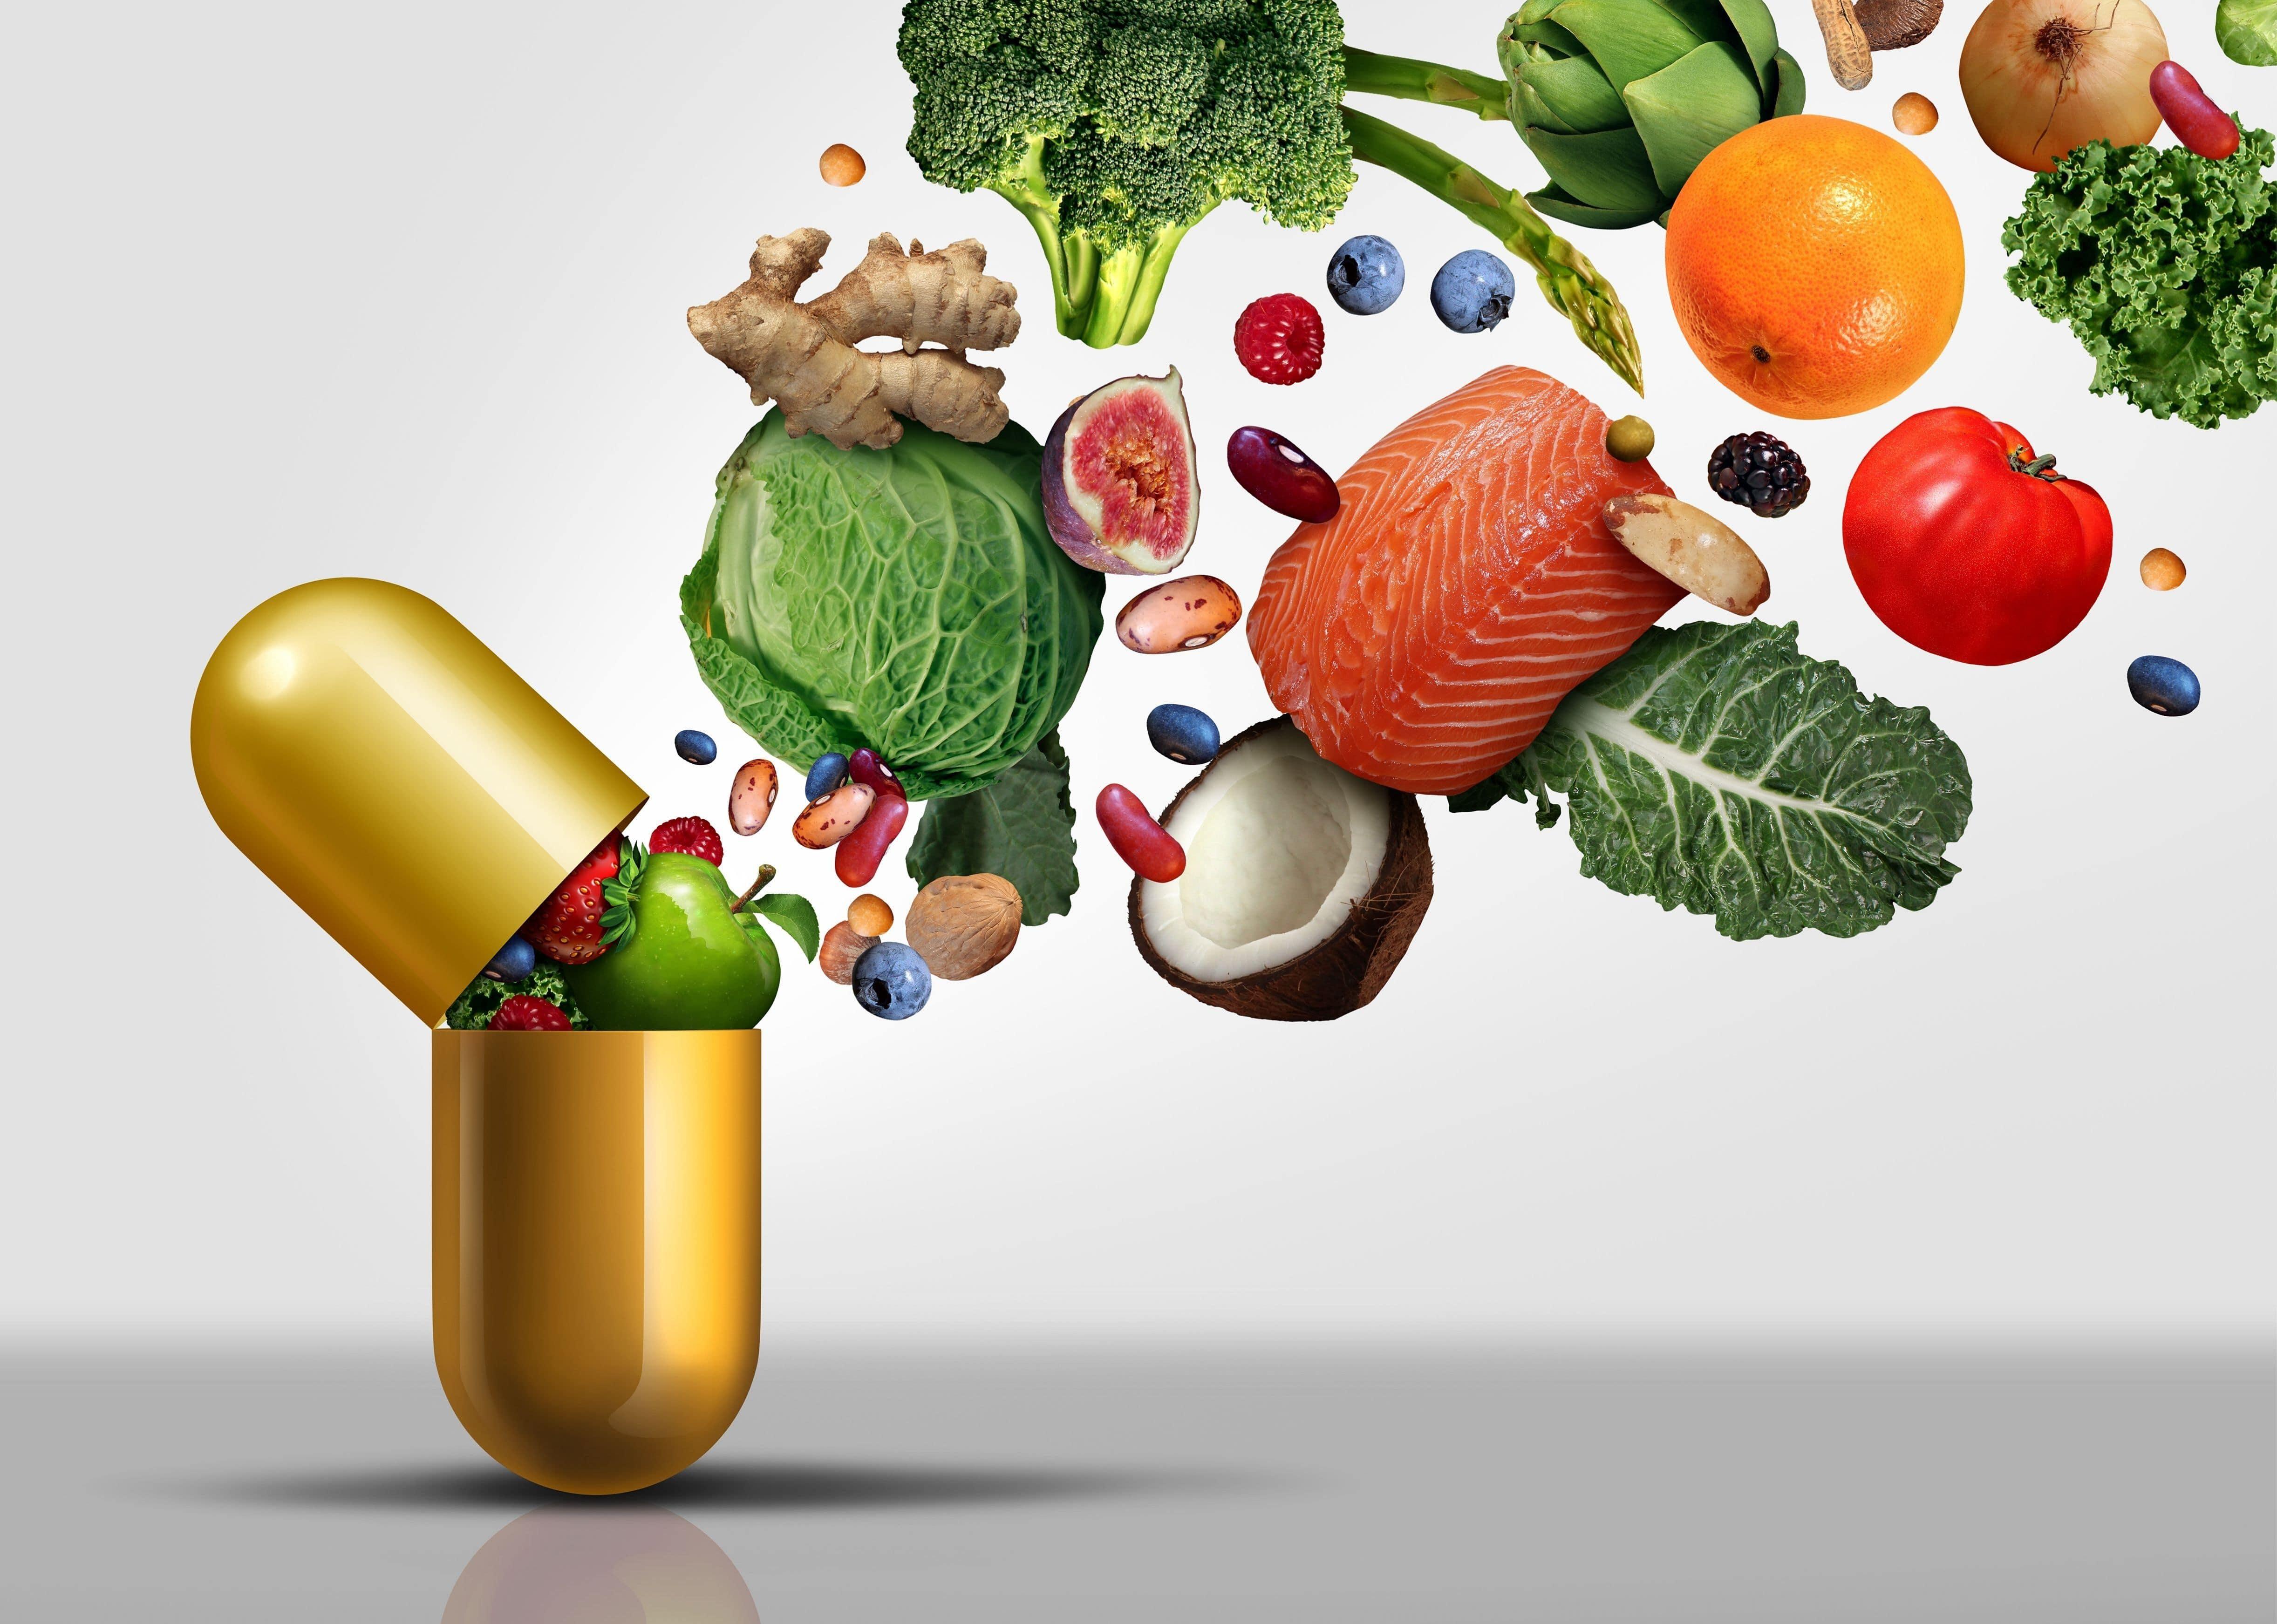 Βιταμίνη Κ: Απαραίτητη για τα οστά και τις αρθρώσεις